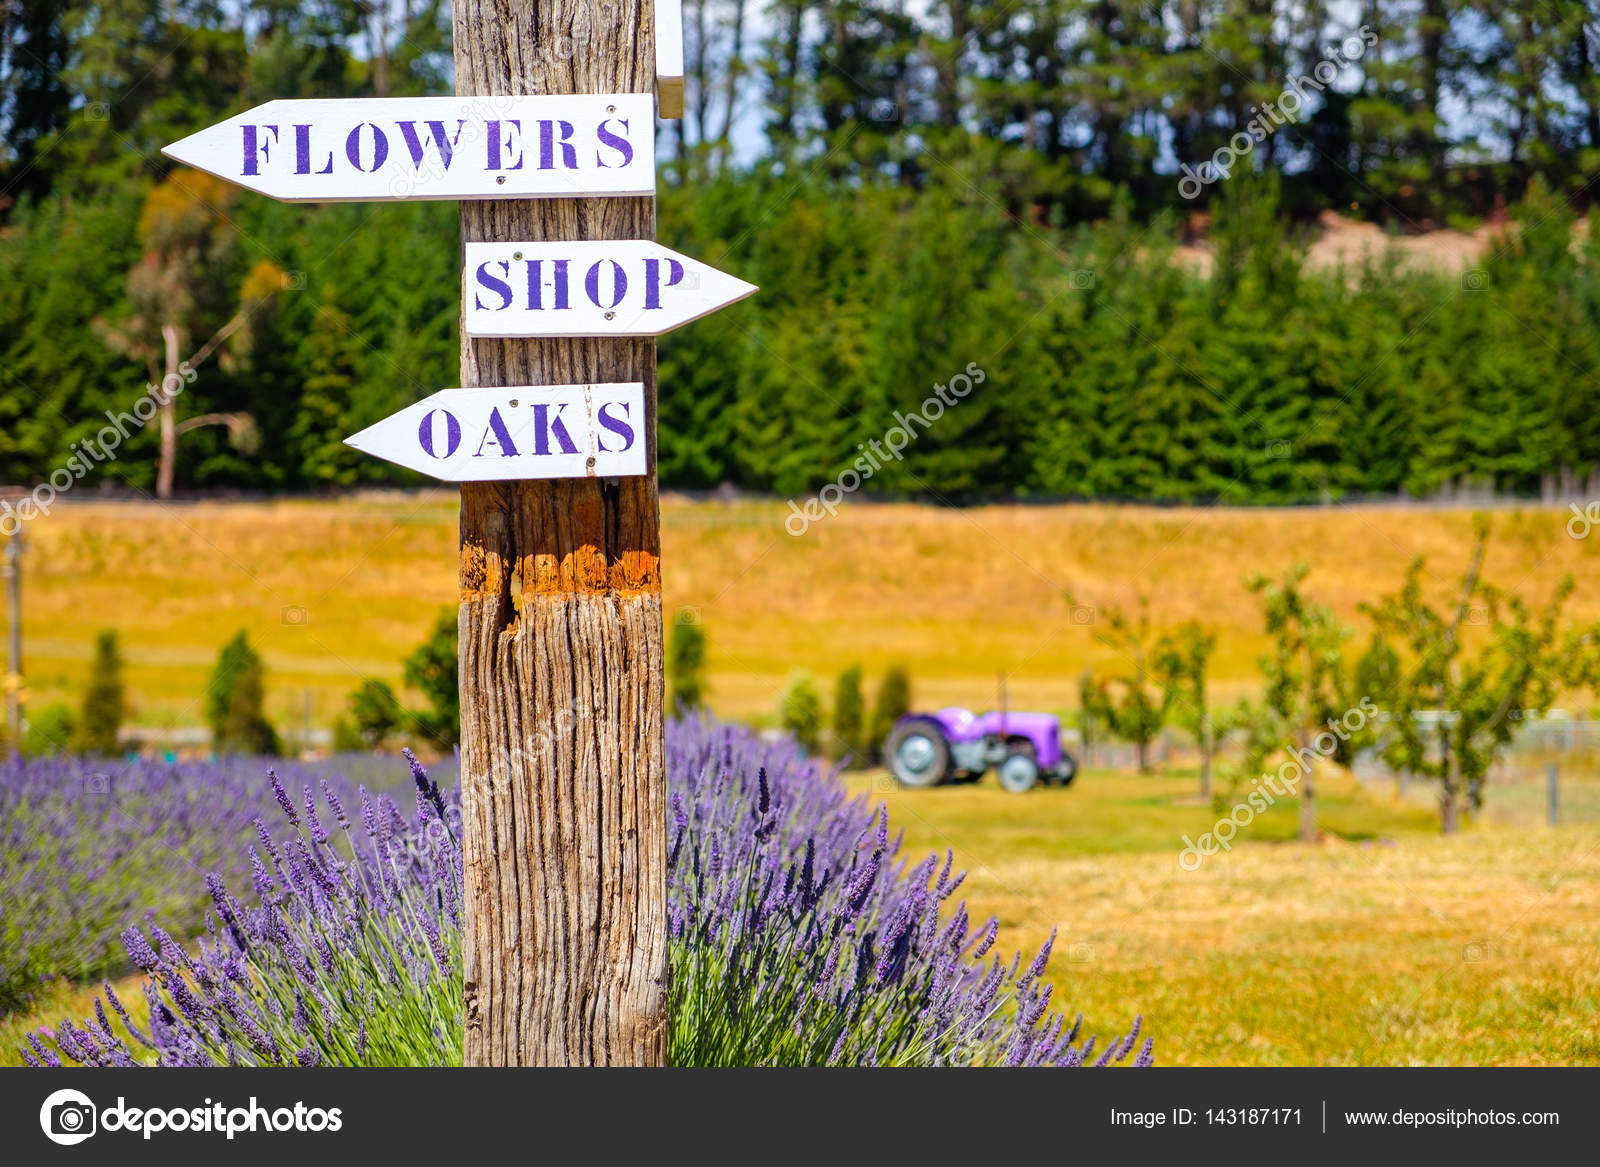 Lavendel Garten Mit Wegweiser Und Traktor Im Hintergrund Stockfoto